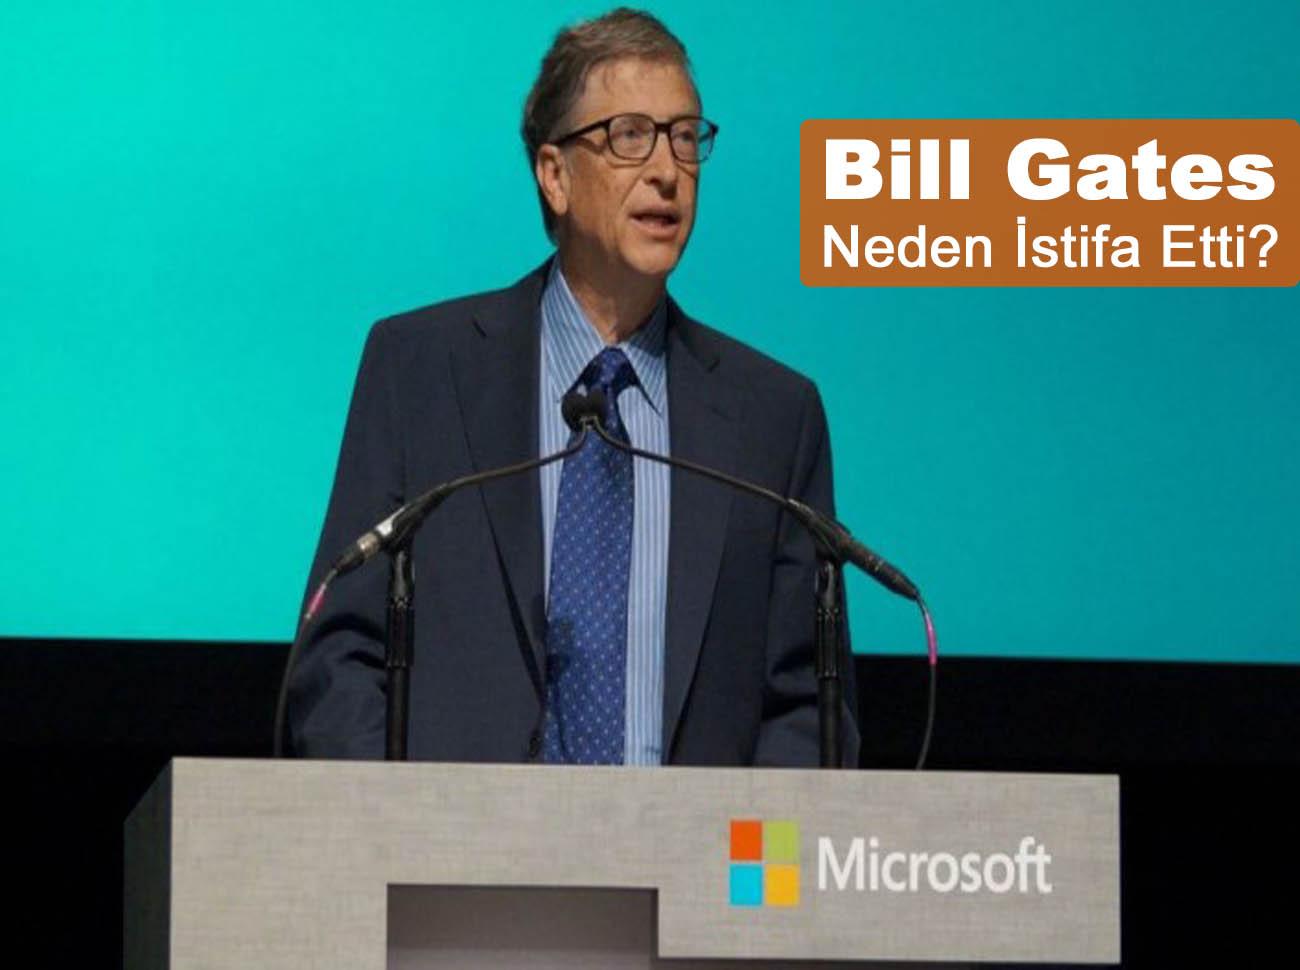 Bill Gates Microsoft'tan Neden İstifa Etti